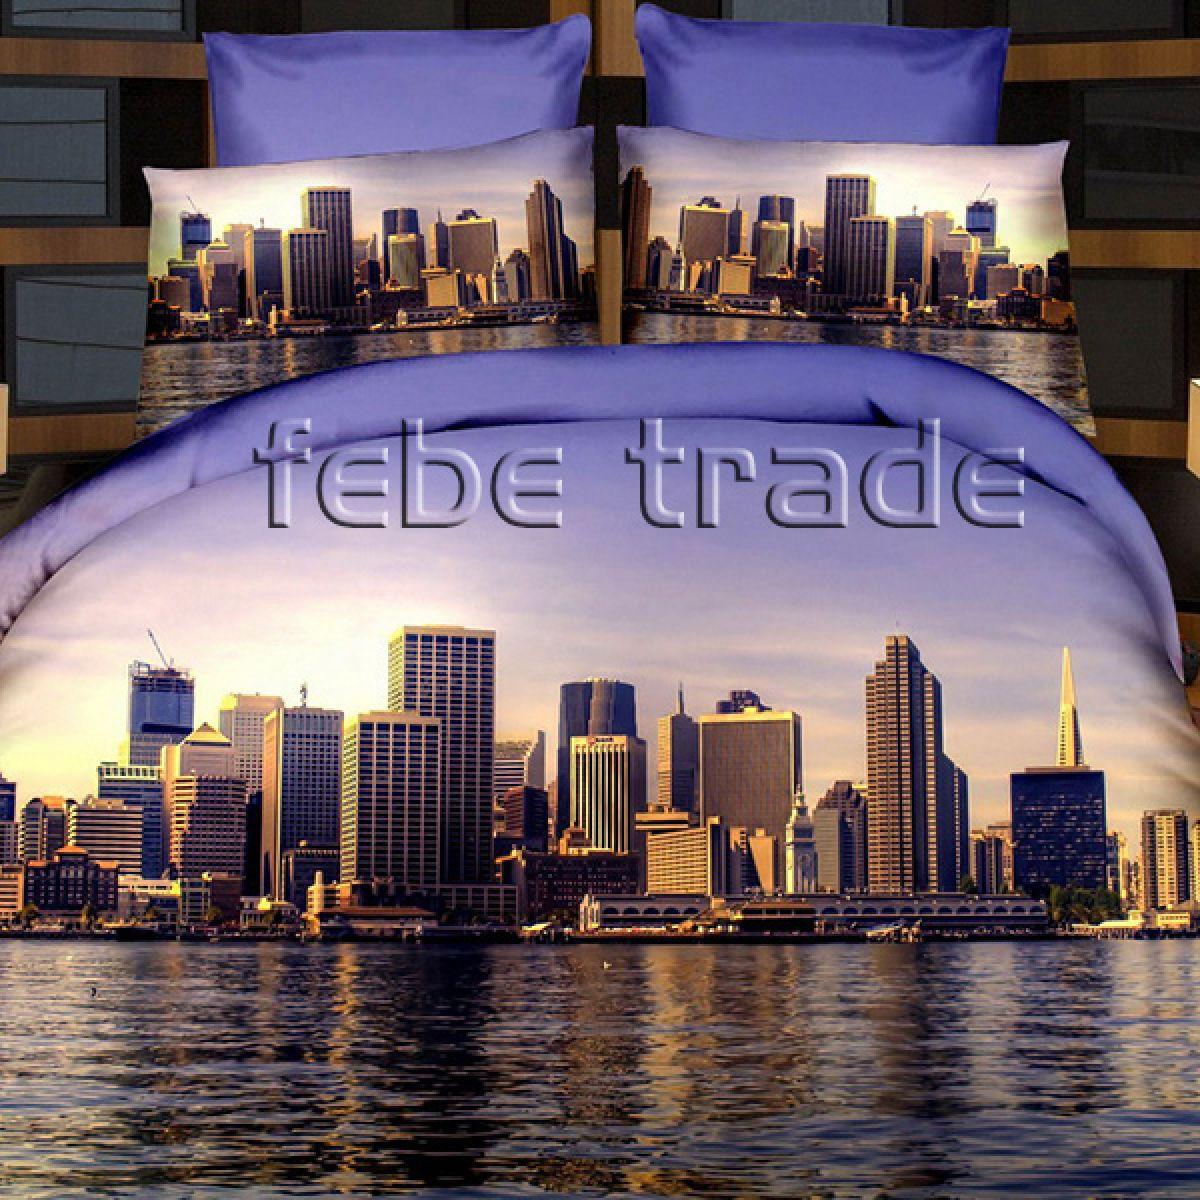 3D Beddings - Cotton World - FSP-717 - 220x200 cm - 4 pcs